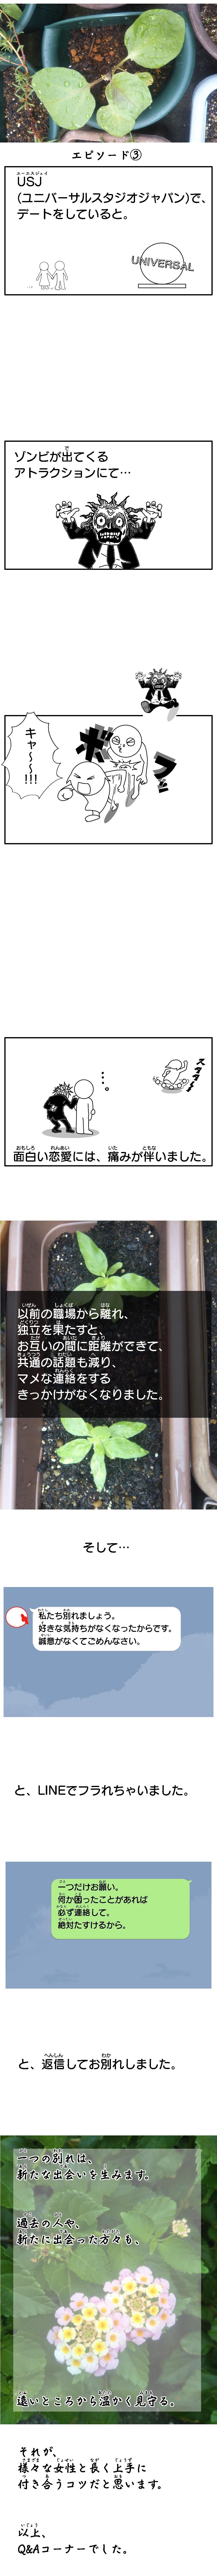 Q&Aコーナー②